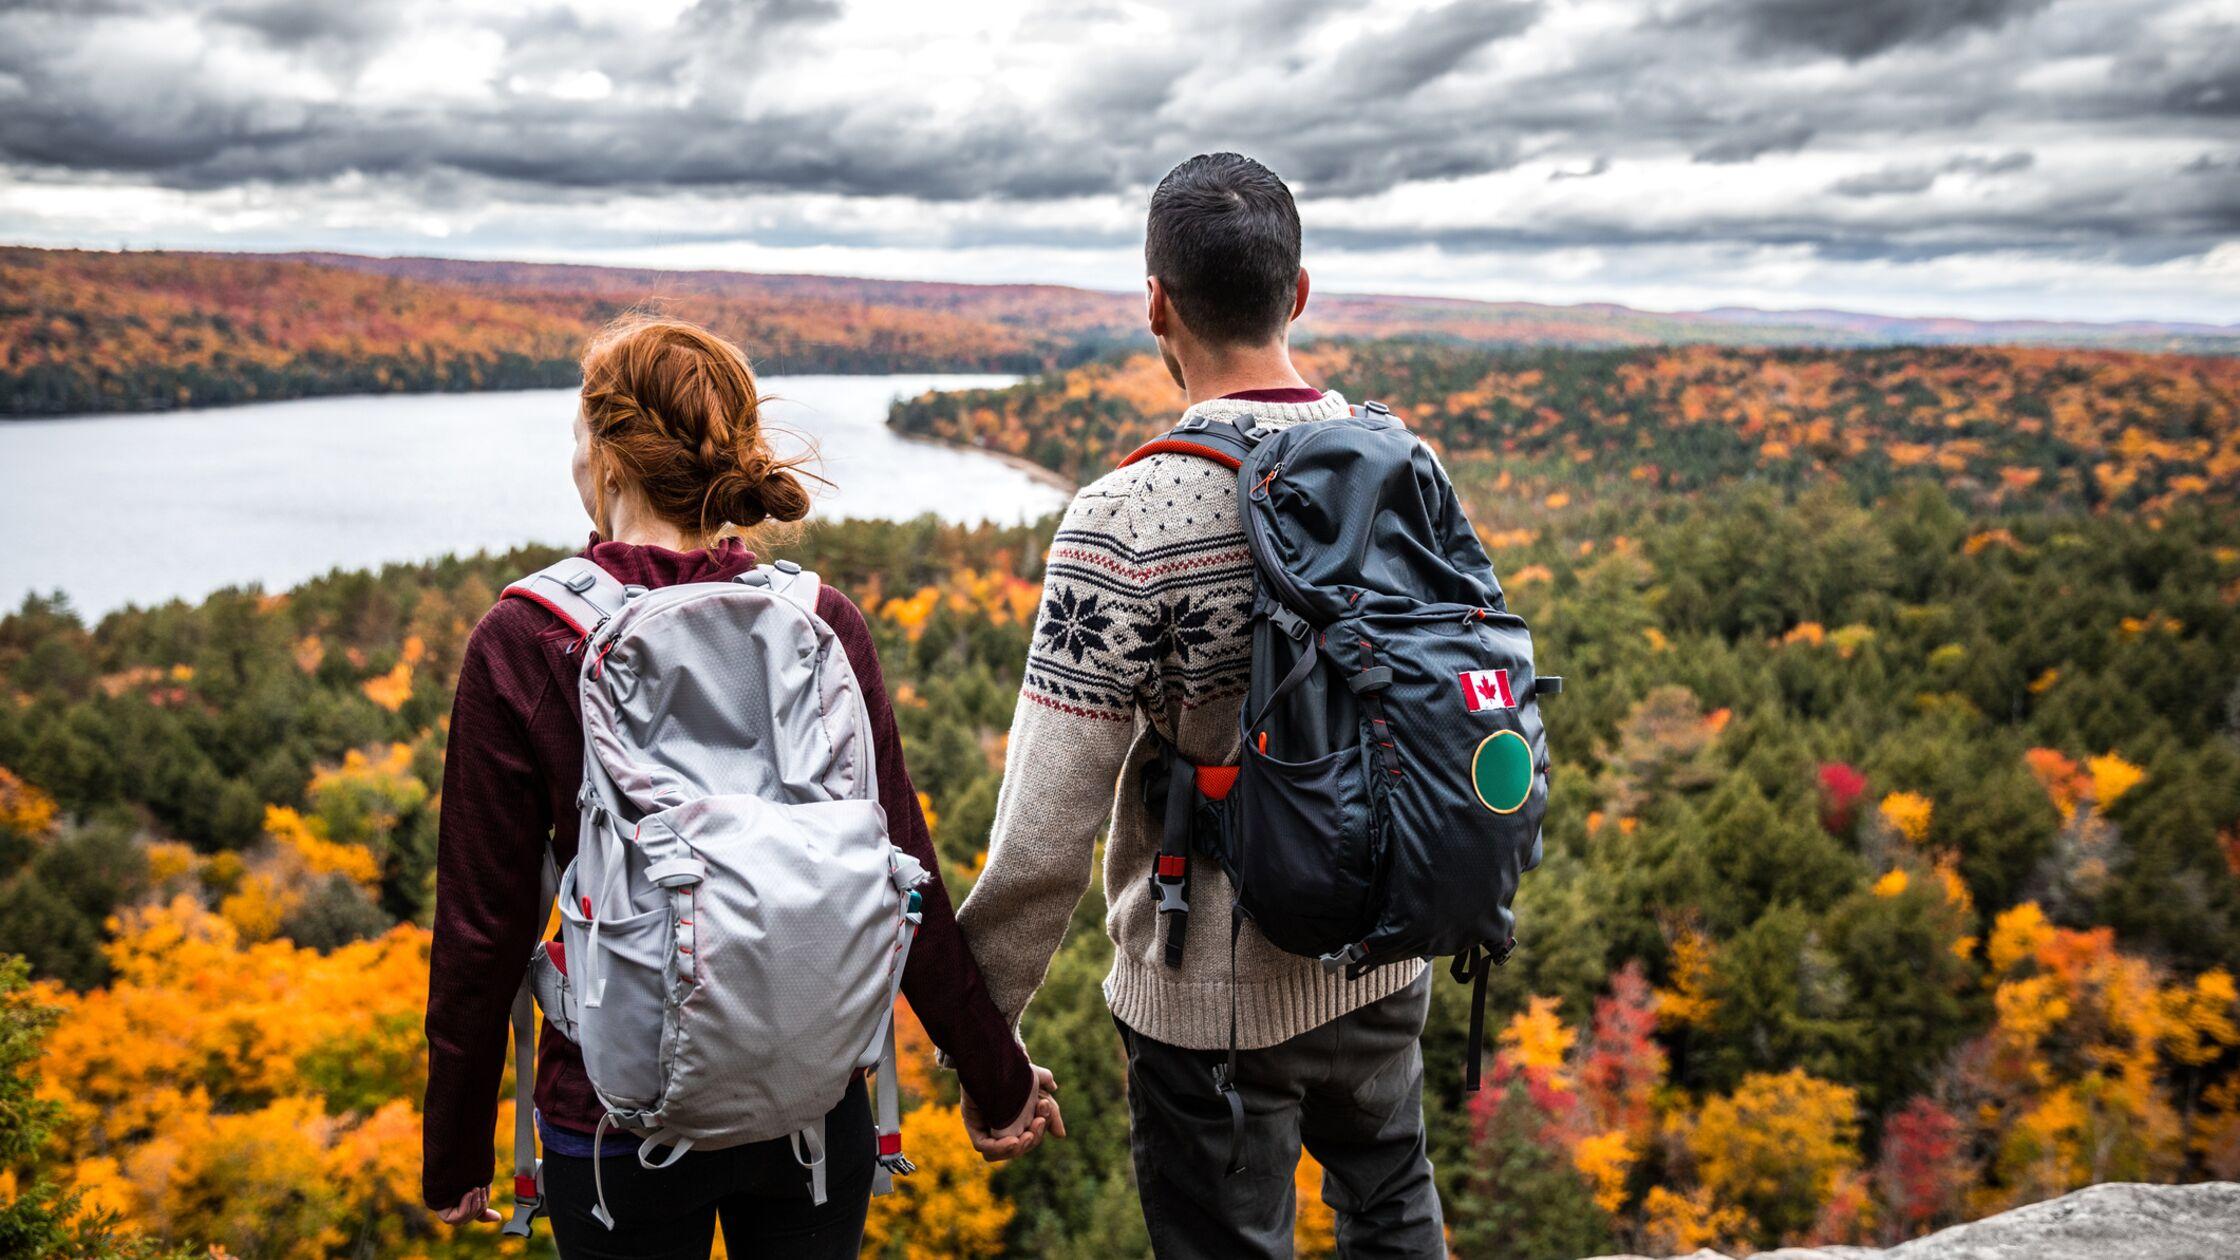 Auswandern nach Kanada: Alles über den Umzug nach Nordamerika